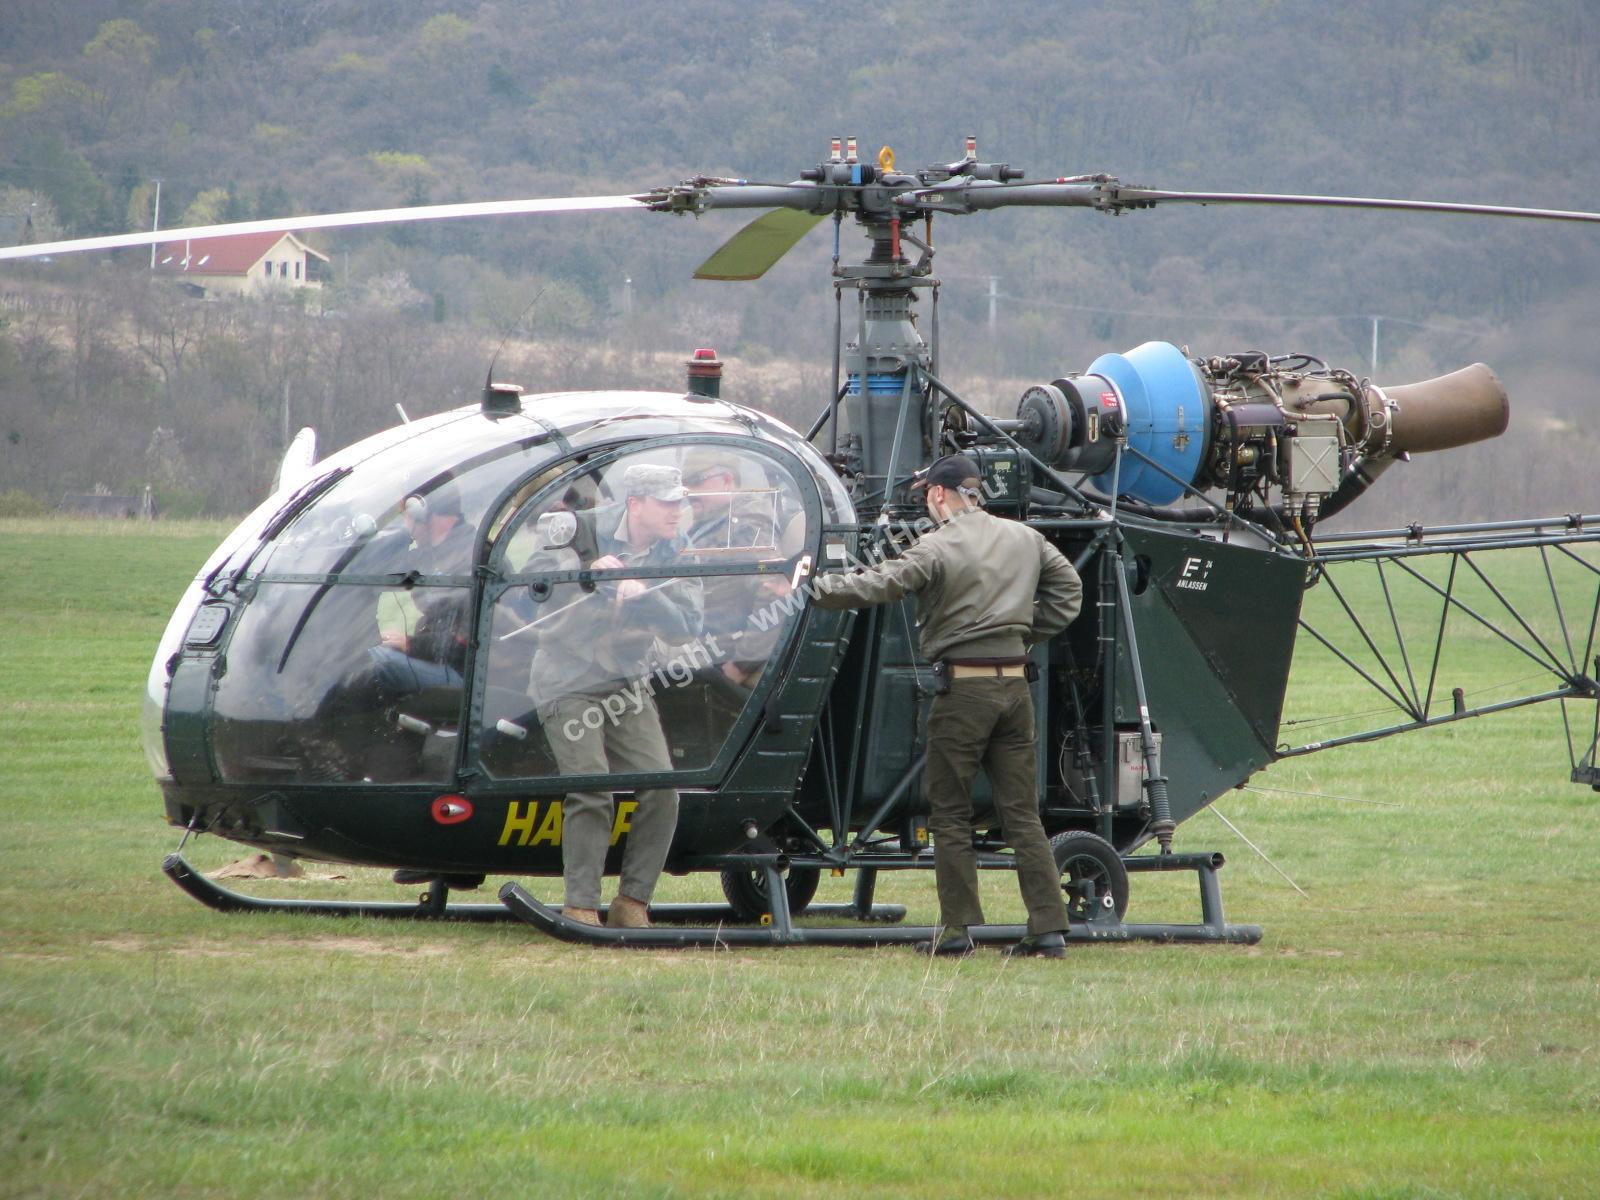 Szombati szülinapi repülés, 2010. április: Helikopter Alouette II